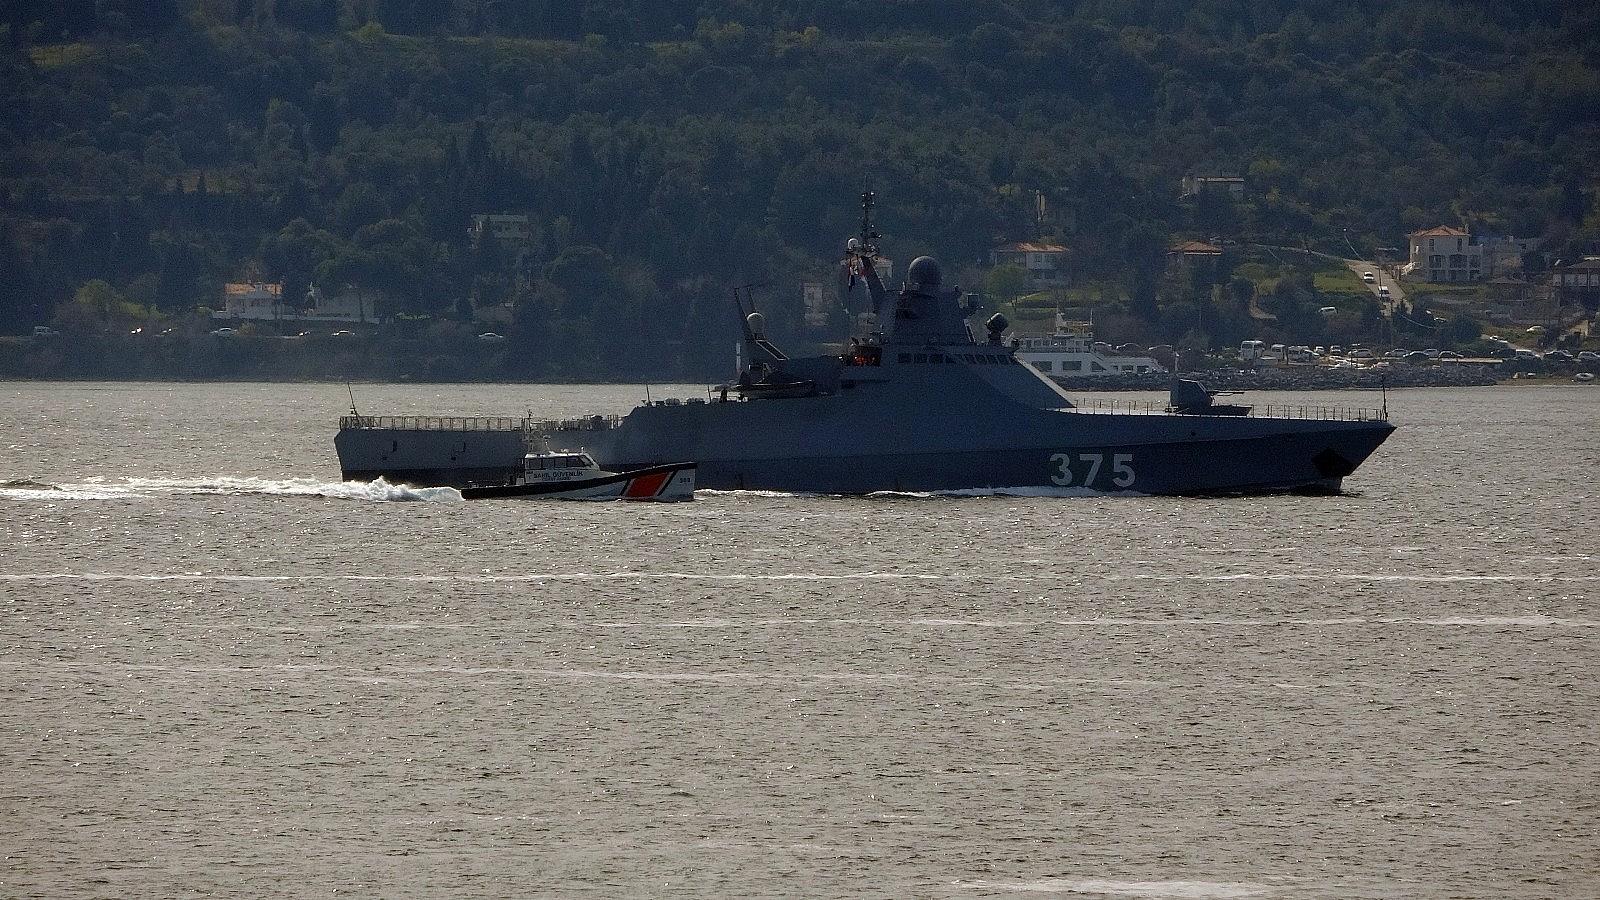 2021/04/rus-savas-gemisi-dmitry-rogachev-canakkale-bogazindan-gecti-20210402AW28-3.jpg